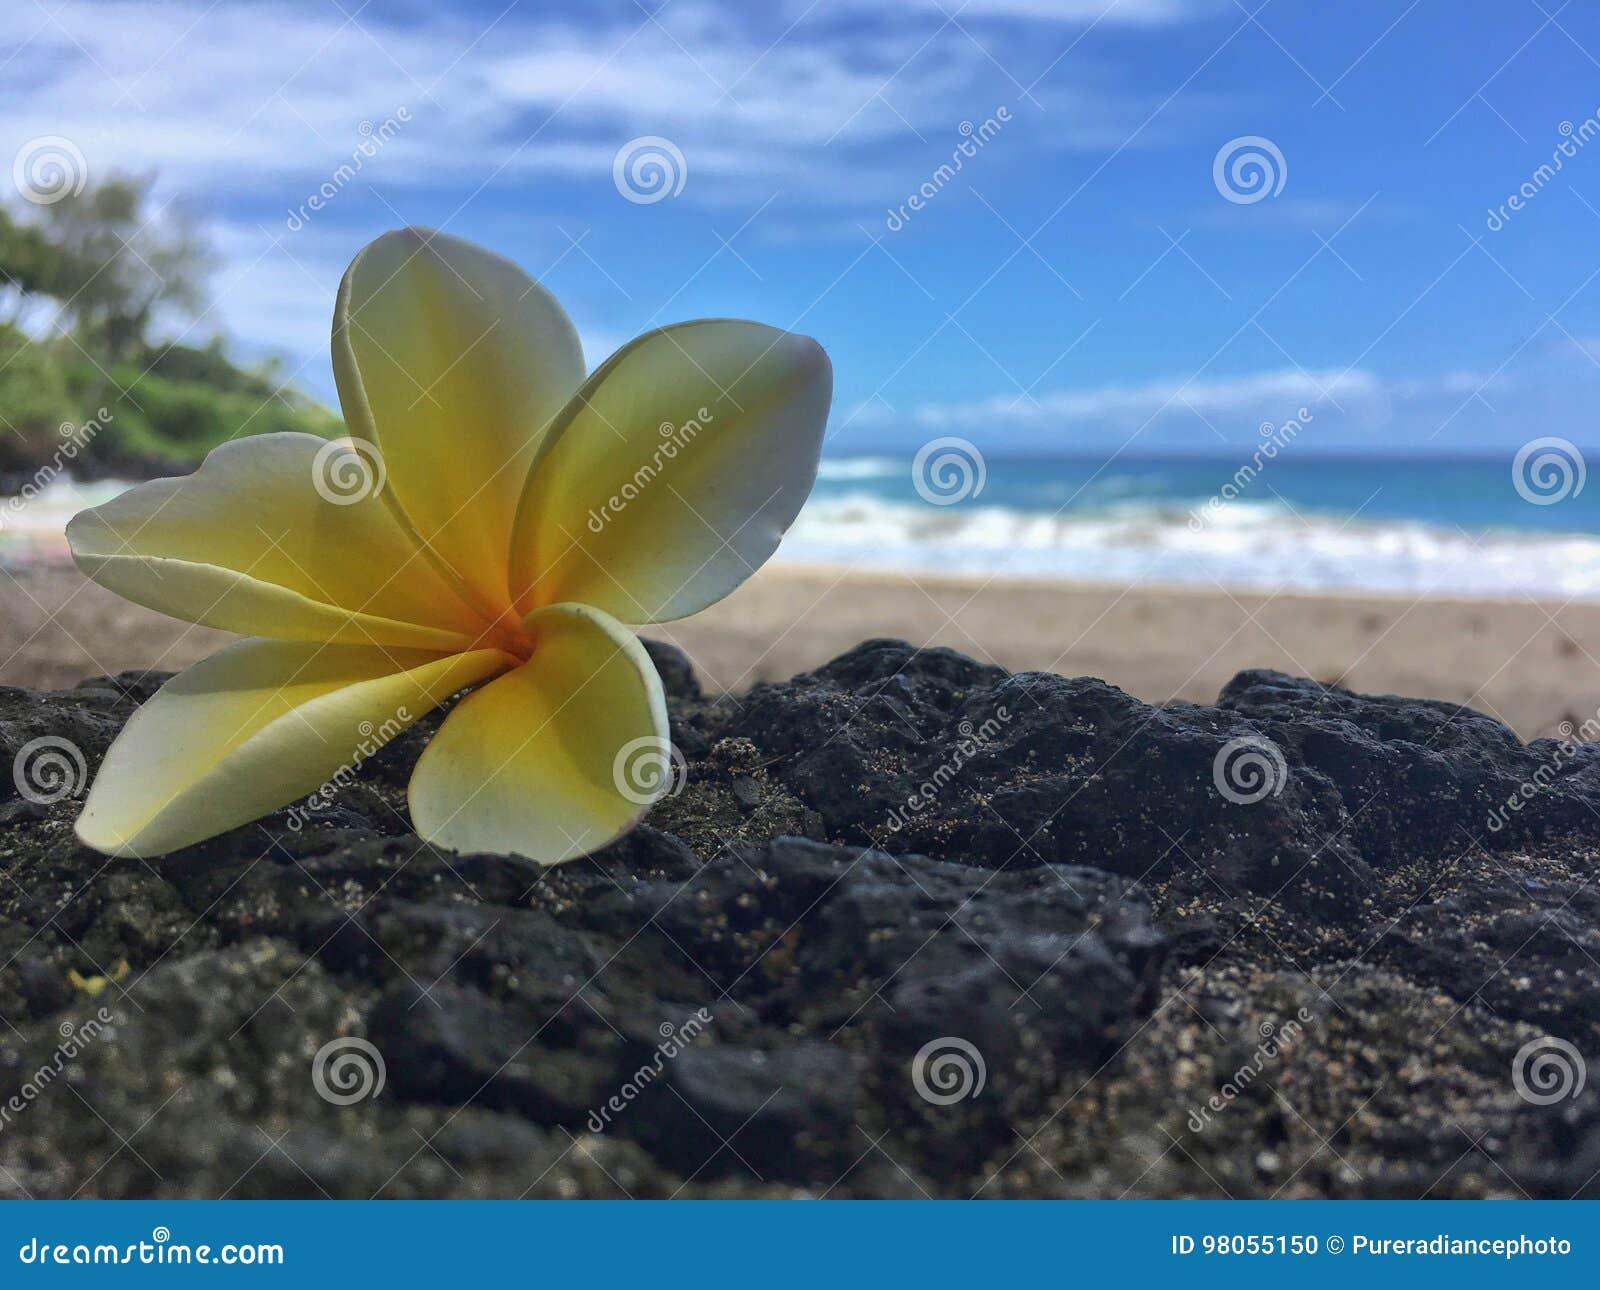 Hawaiian Plumeria Flower On The Beach Stock Photo Image Of